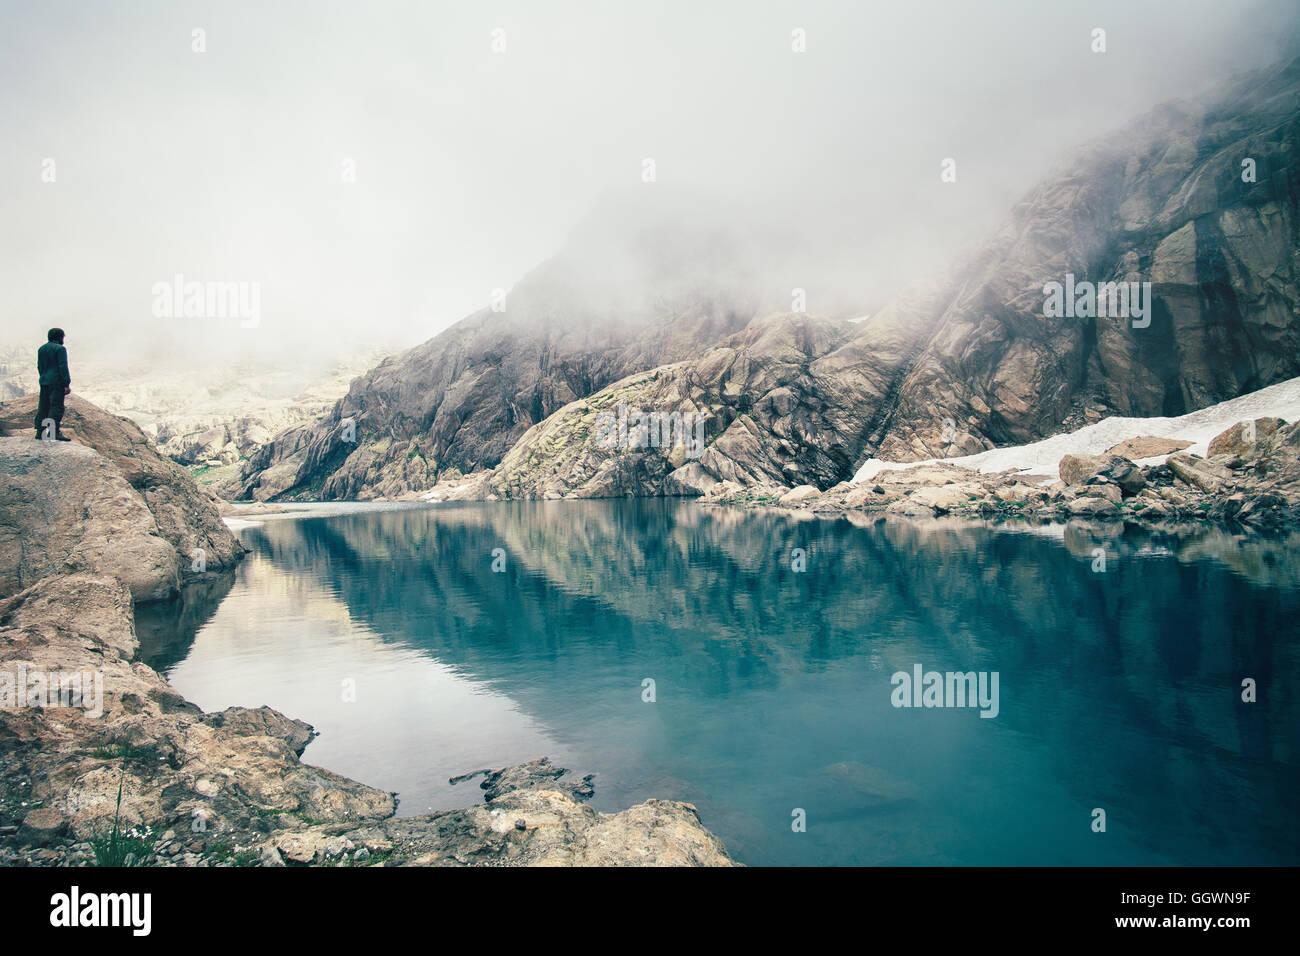 Hombre de pie solo viajero en Cliff lago y montañas brumosas sobre antecedentes en el estilo de vida al aire libre concepto inspirador de viajes Foto de stock